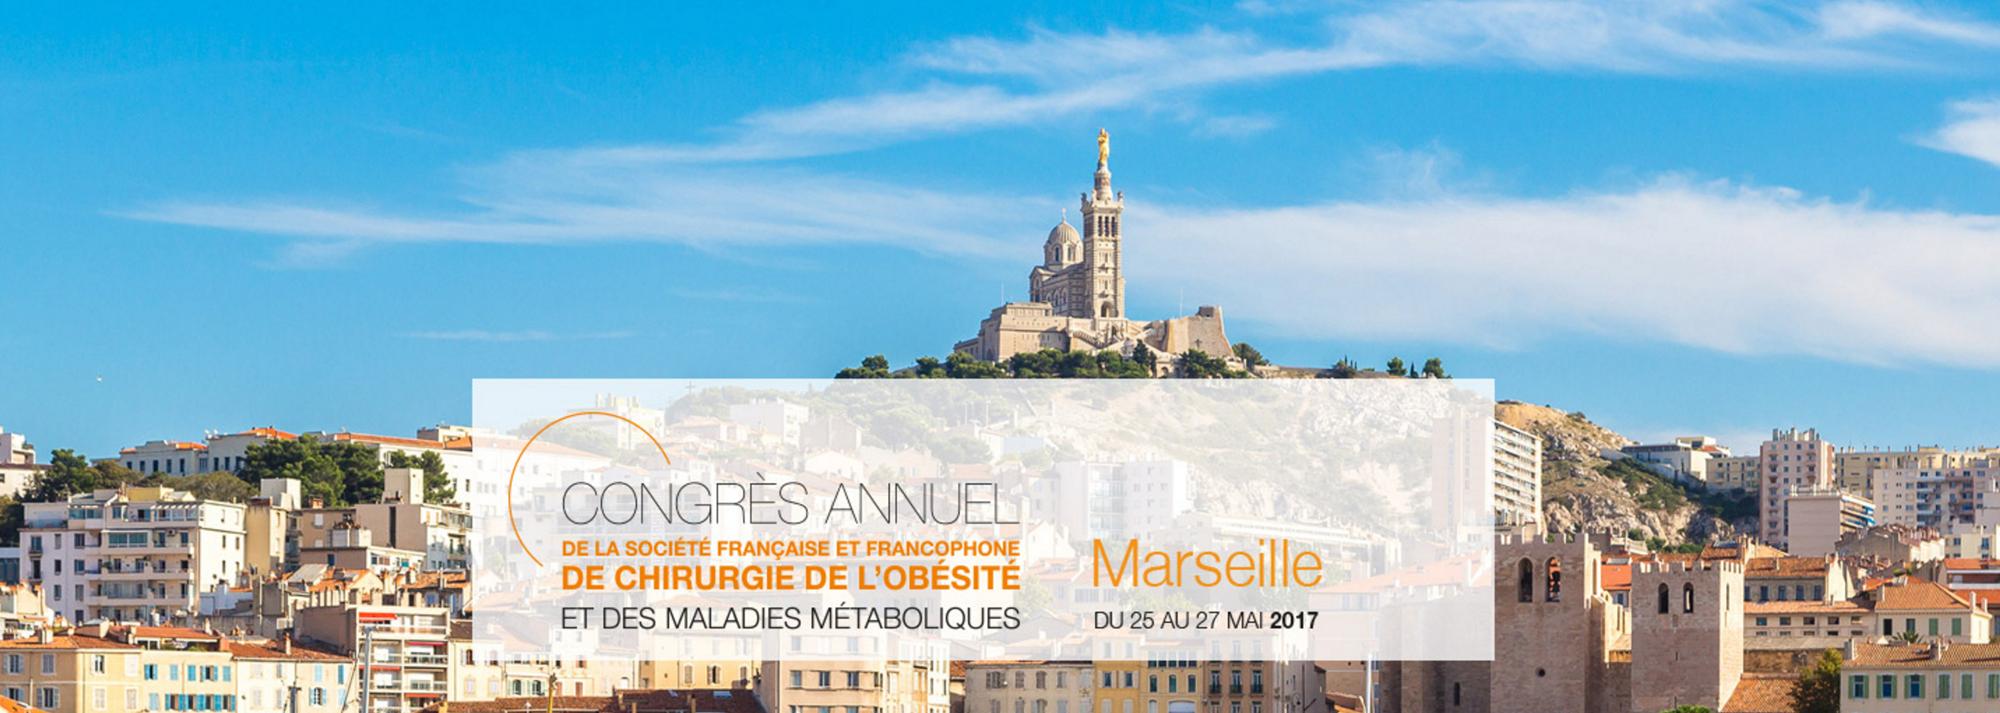 Congrès SOFFCO à Marseille autour de la chirurgie de l'obésité